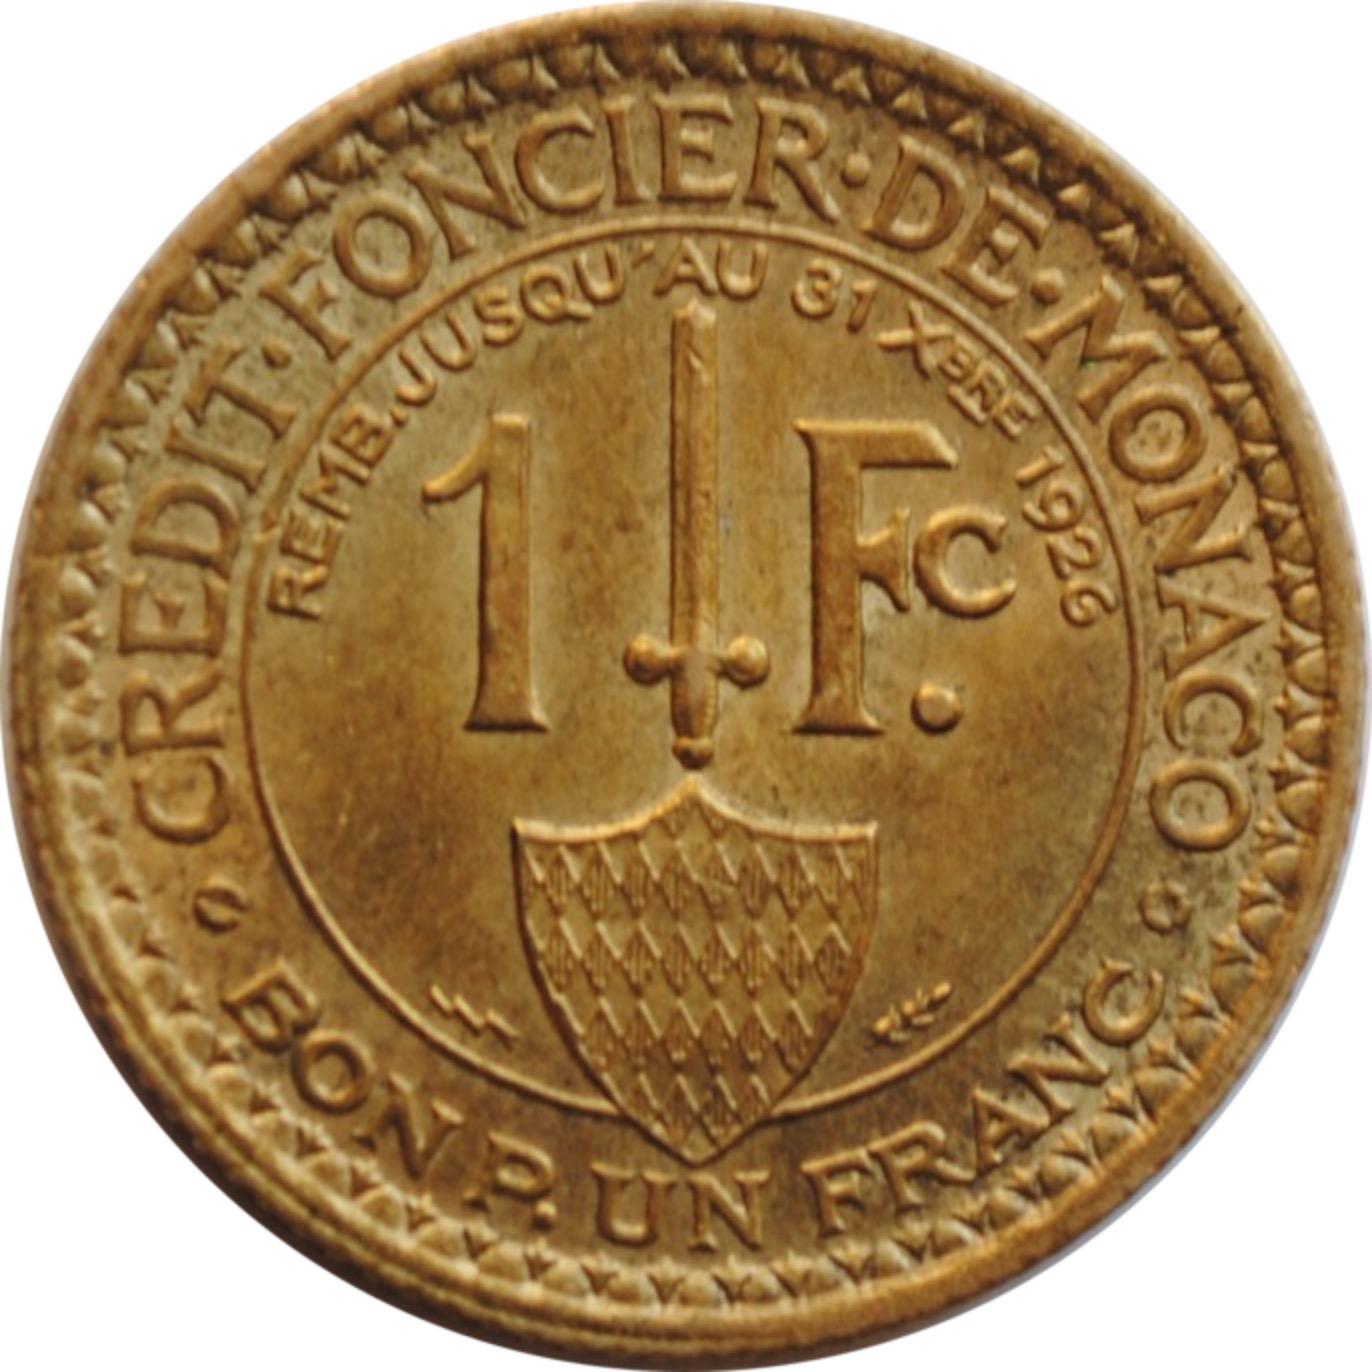 """Германия (Третий рейх) 5 рейхсмарок 1934 г. F, UNC, """"1 год нацистскому режиму"""""""